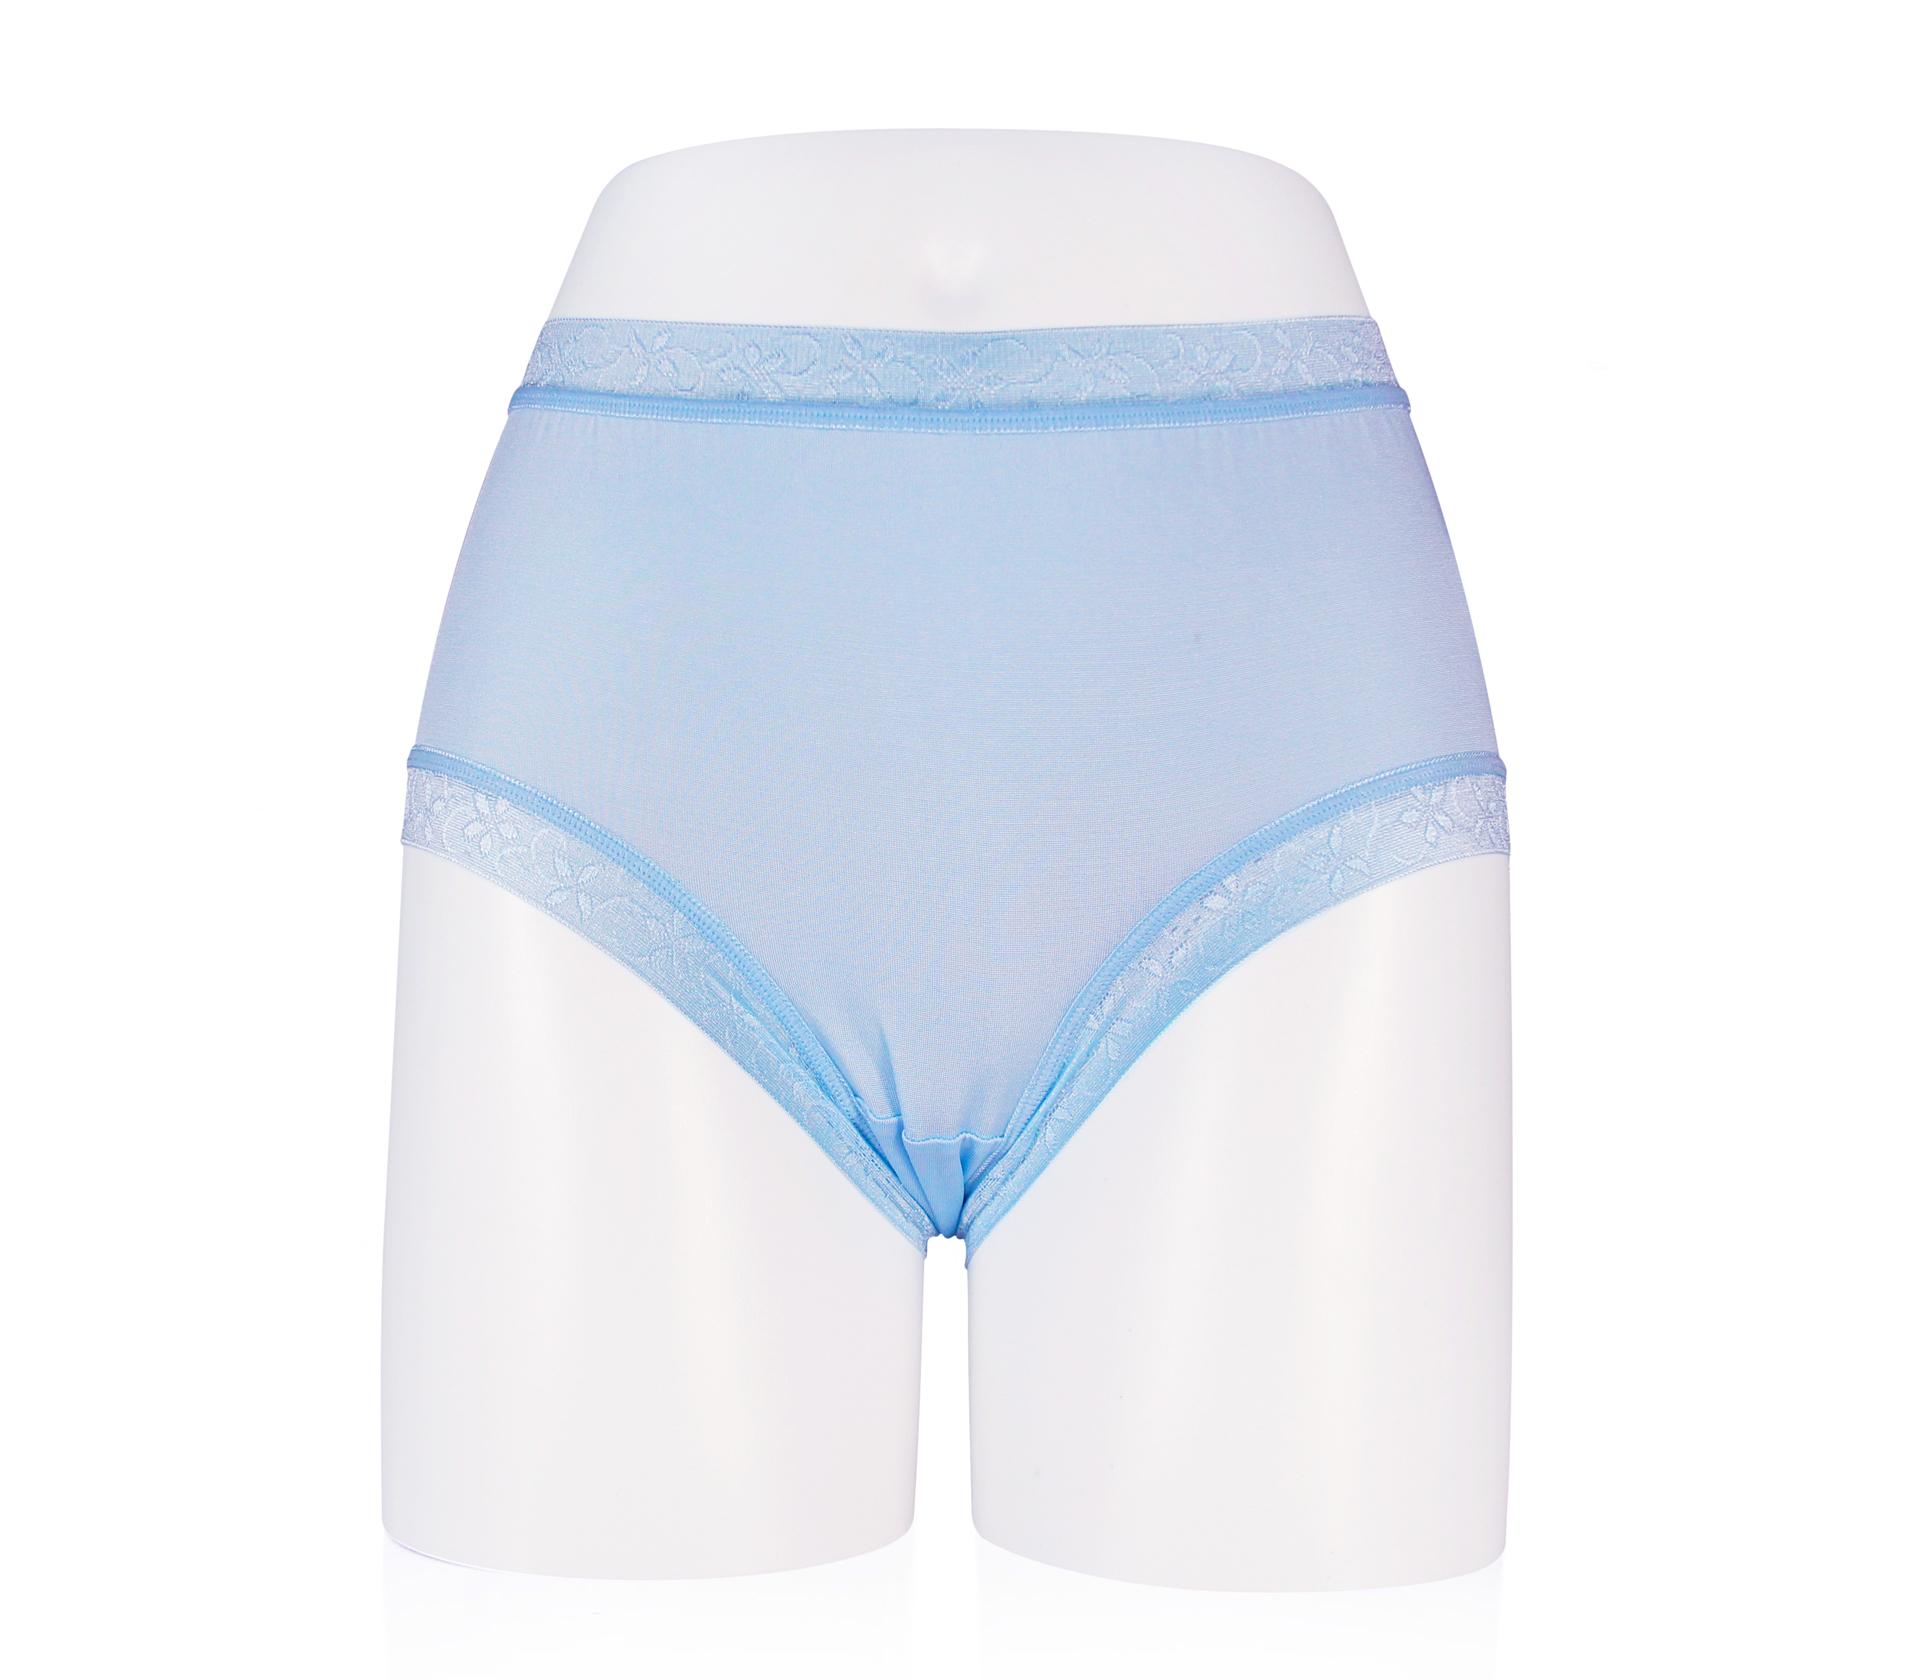 闕蘭絹絲滑透氣100%蠶絲褲 - 88117 (藍色)